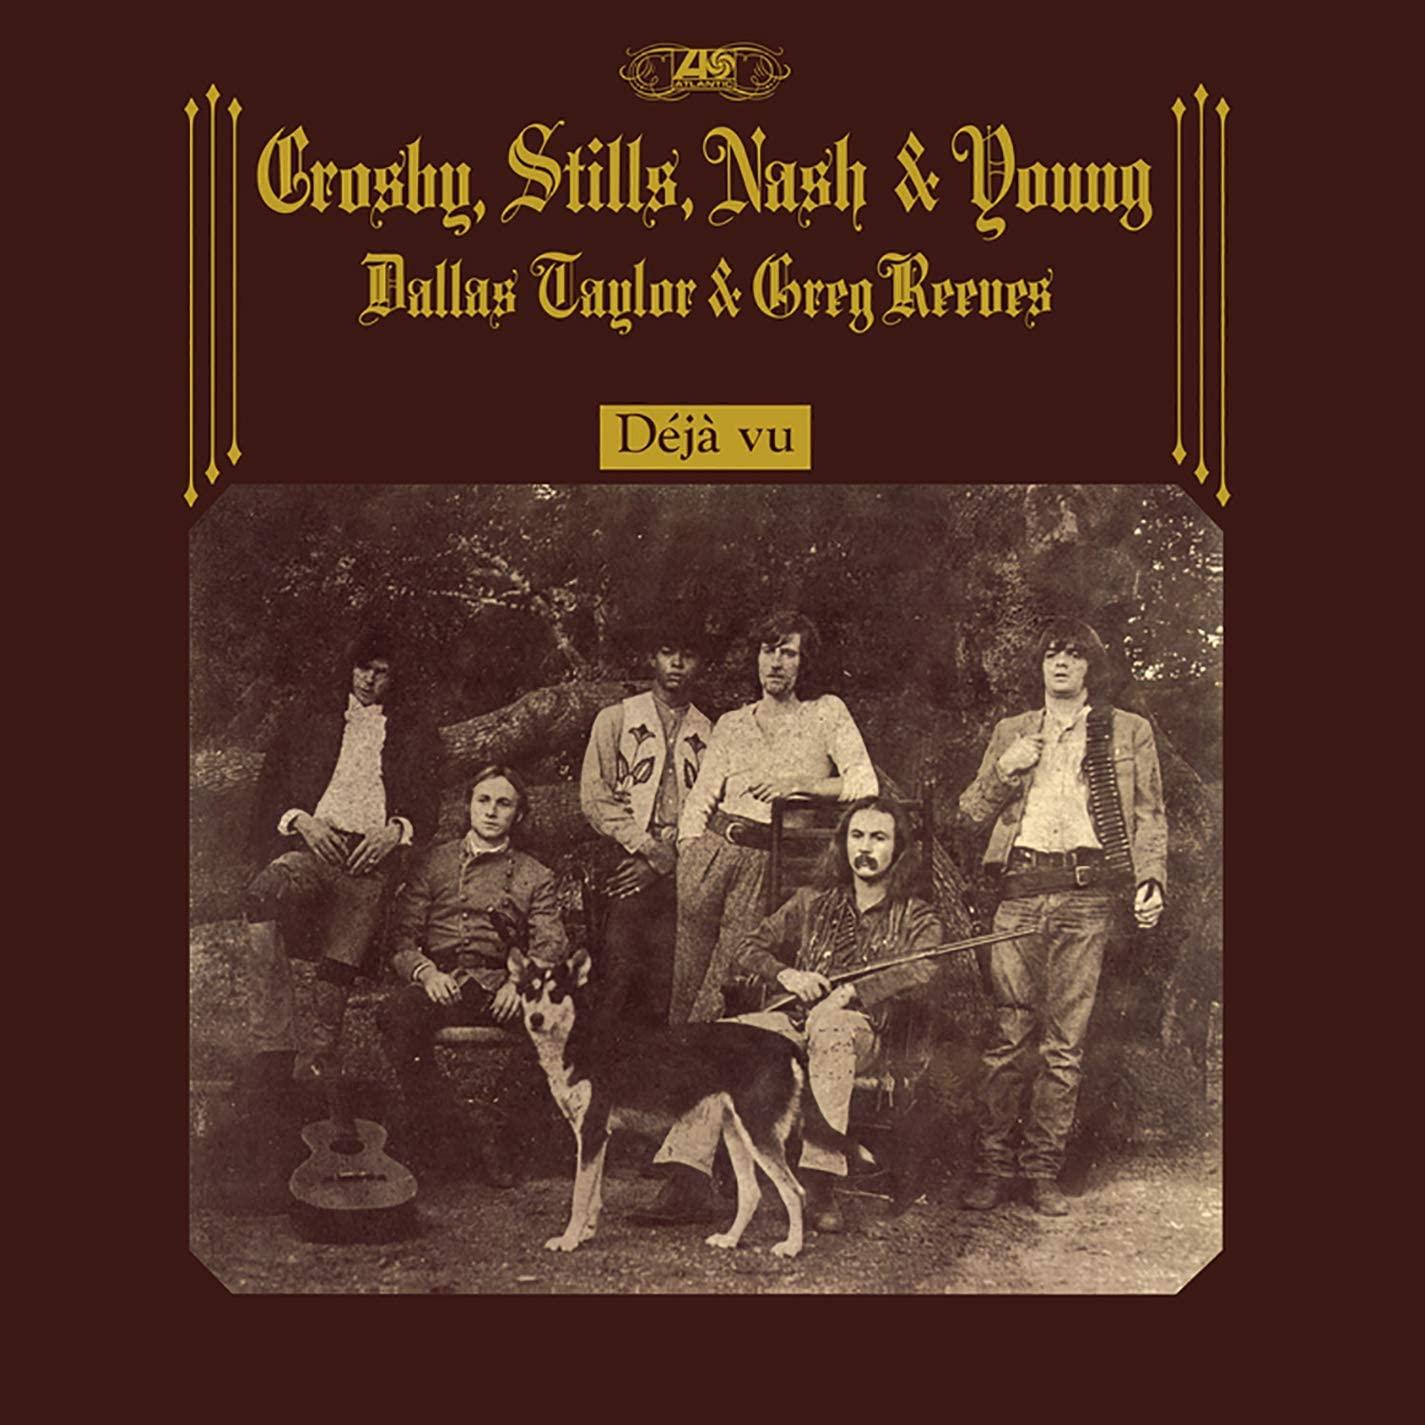 Crosby, Stills, Nash & Young – Déjà vu cover album